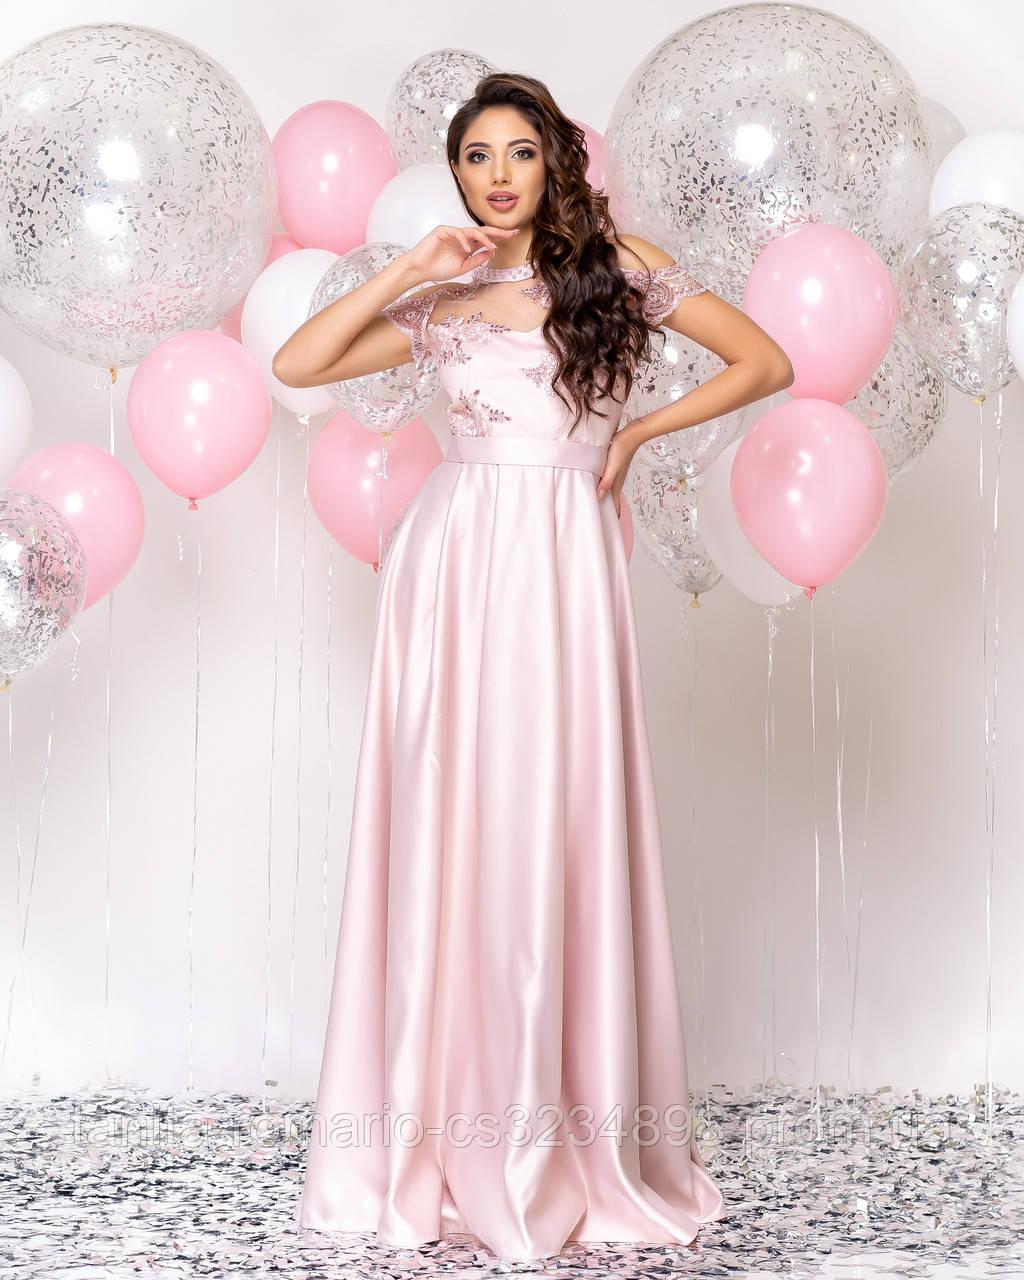 Випускна сукня рожевого кольору, атласна з мереживом